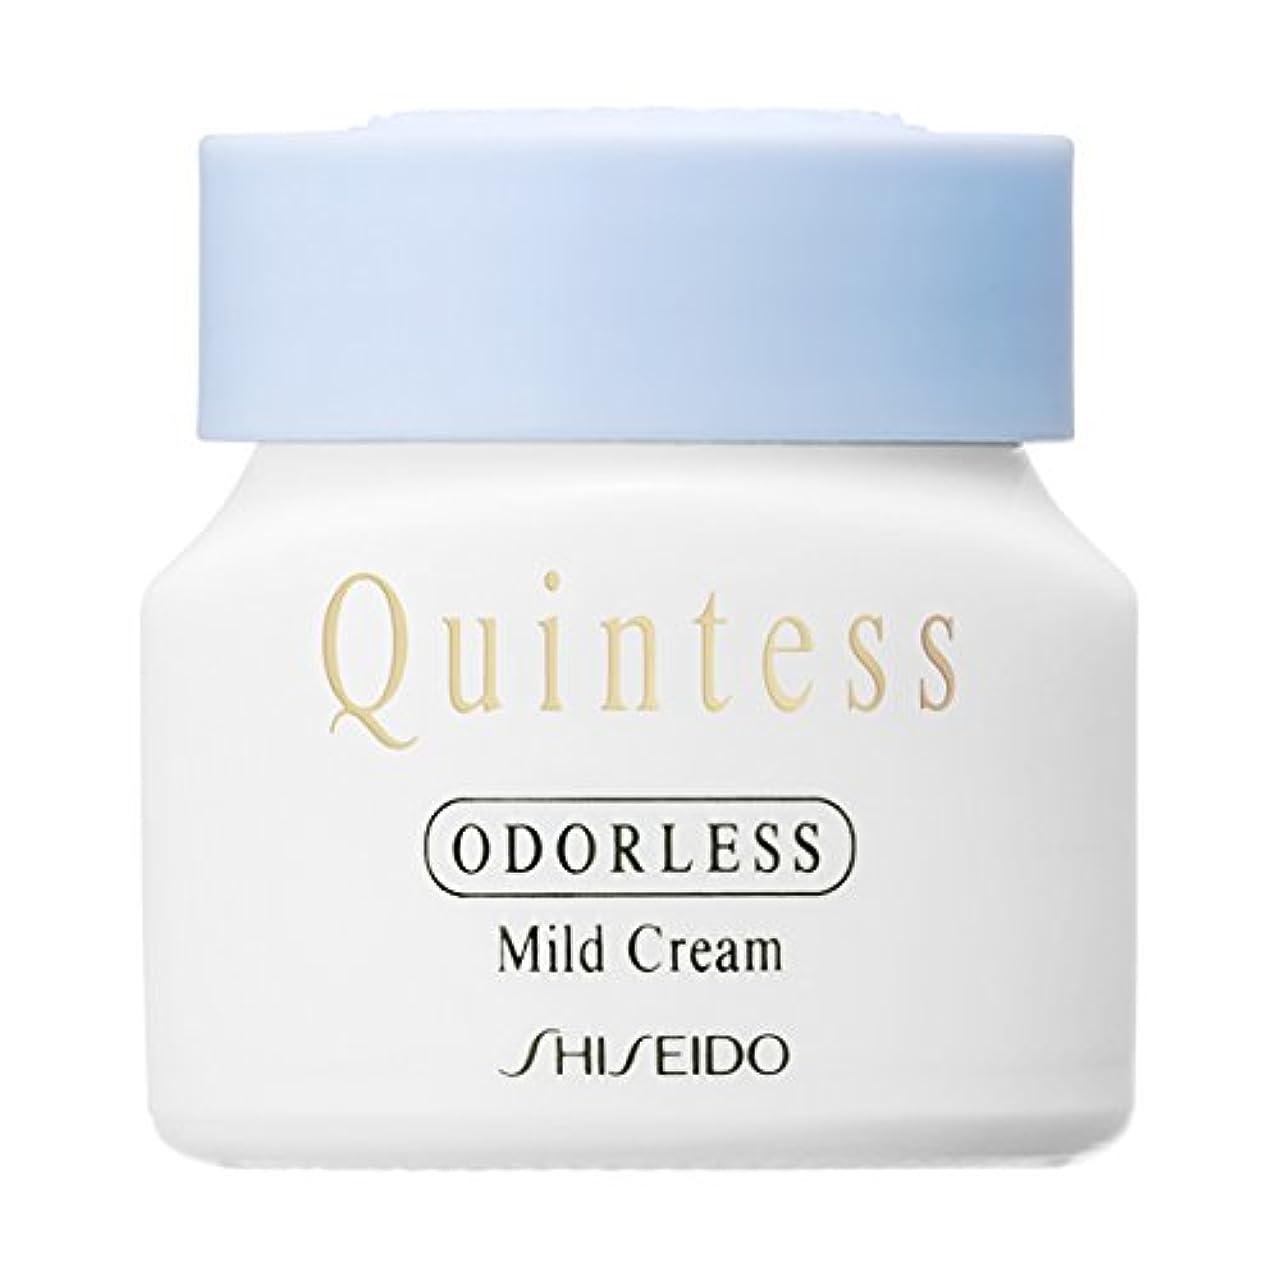 おいしいふりをするセクタクインテス オーダレス マイルドクリーム 30g